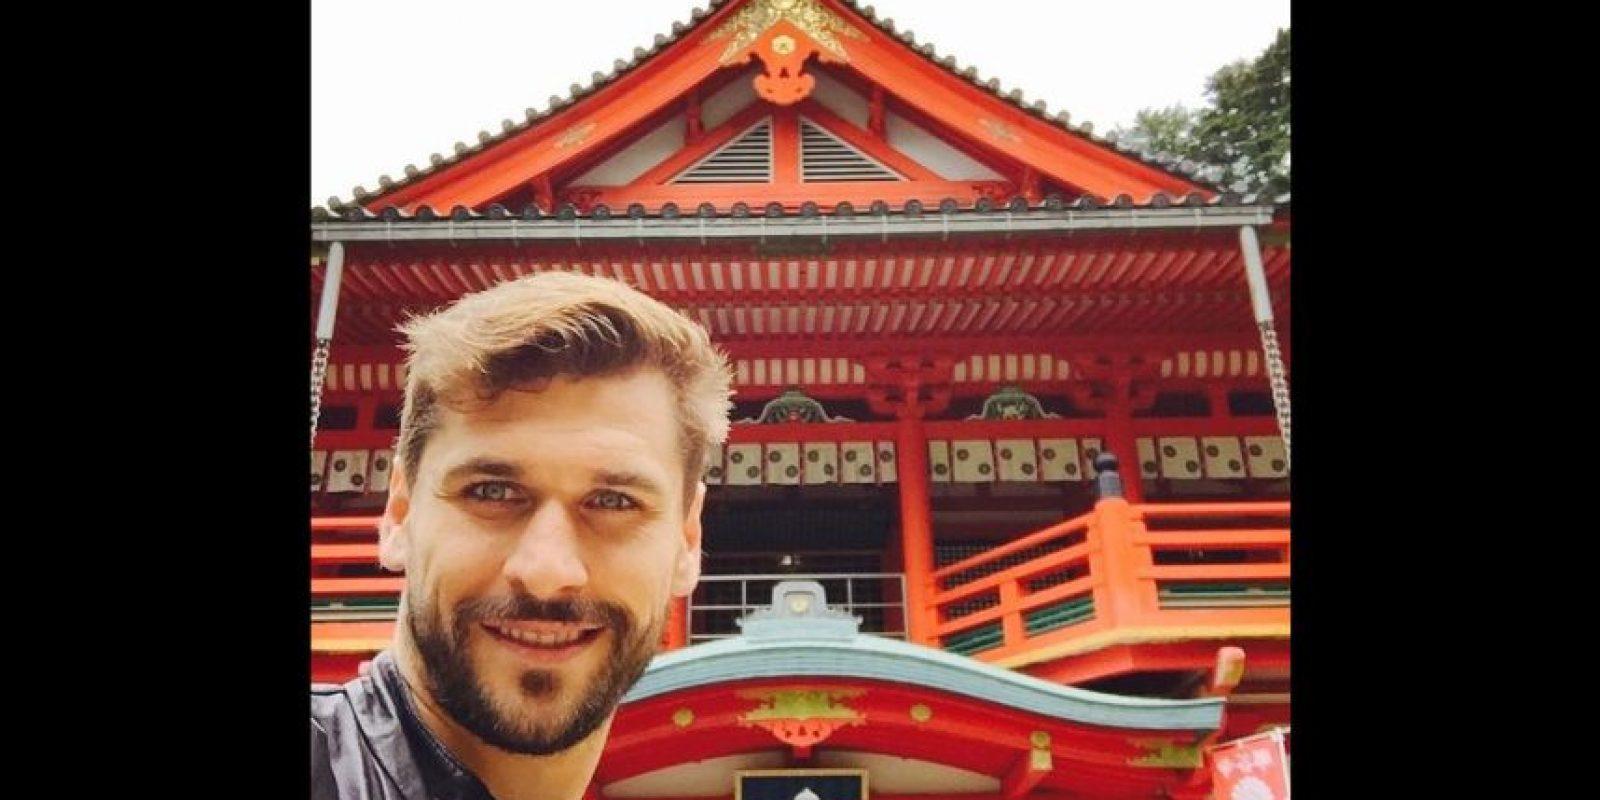 Tras su boda con María Lorente, el goleador de la Juventus viajó a Japón con su esposa. Foto:Vía instagram.com/llorente_fer